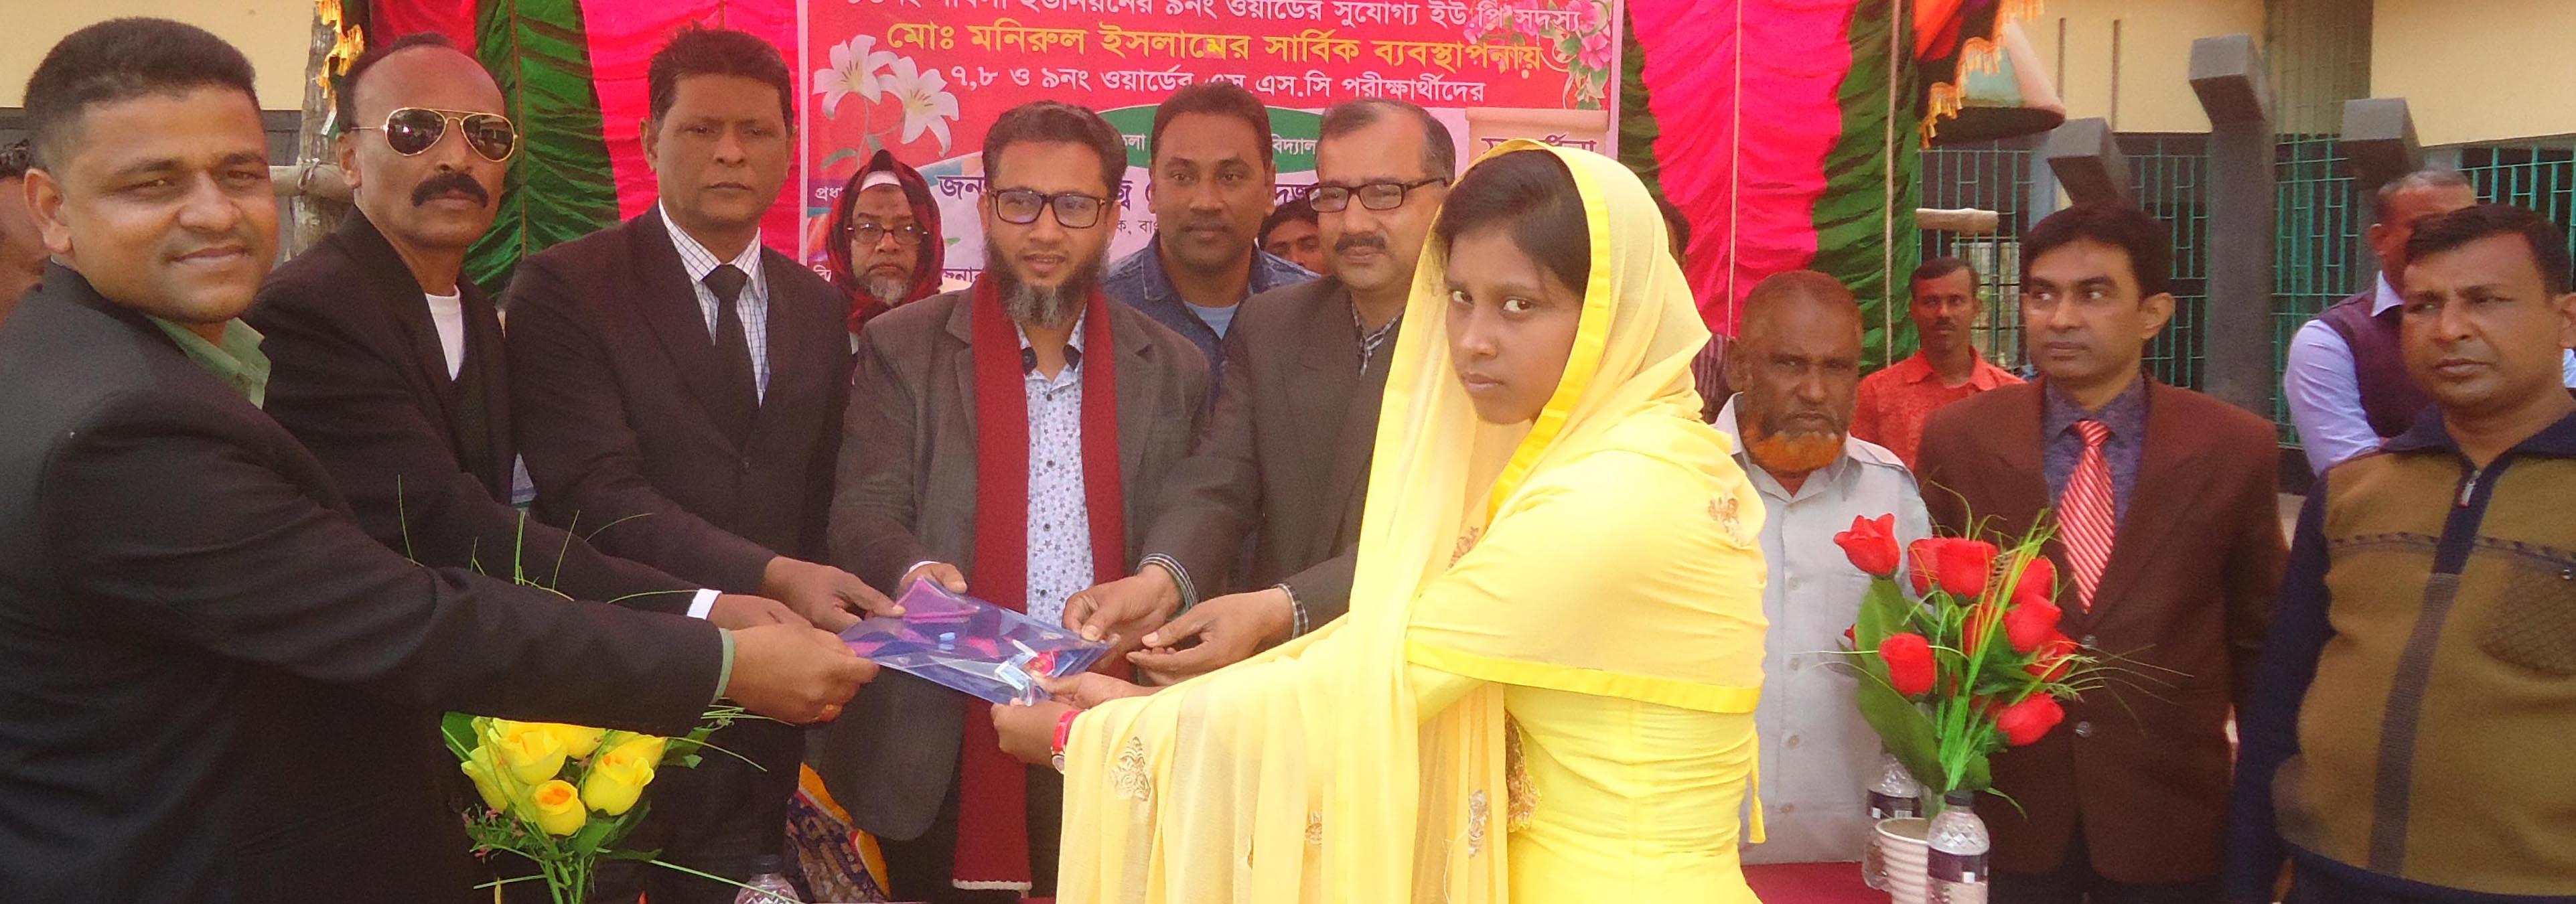 তালতলা আদর্শ মাধ্যমিক বিদ্যালয়ে এসএসসি পরীক্ষার্থীদের সংবর্ধনা